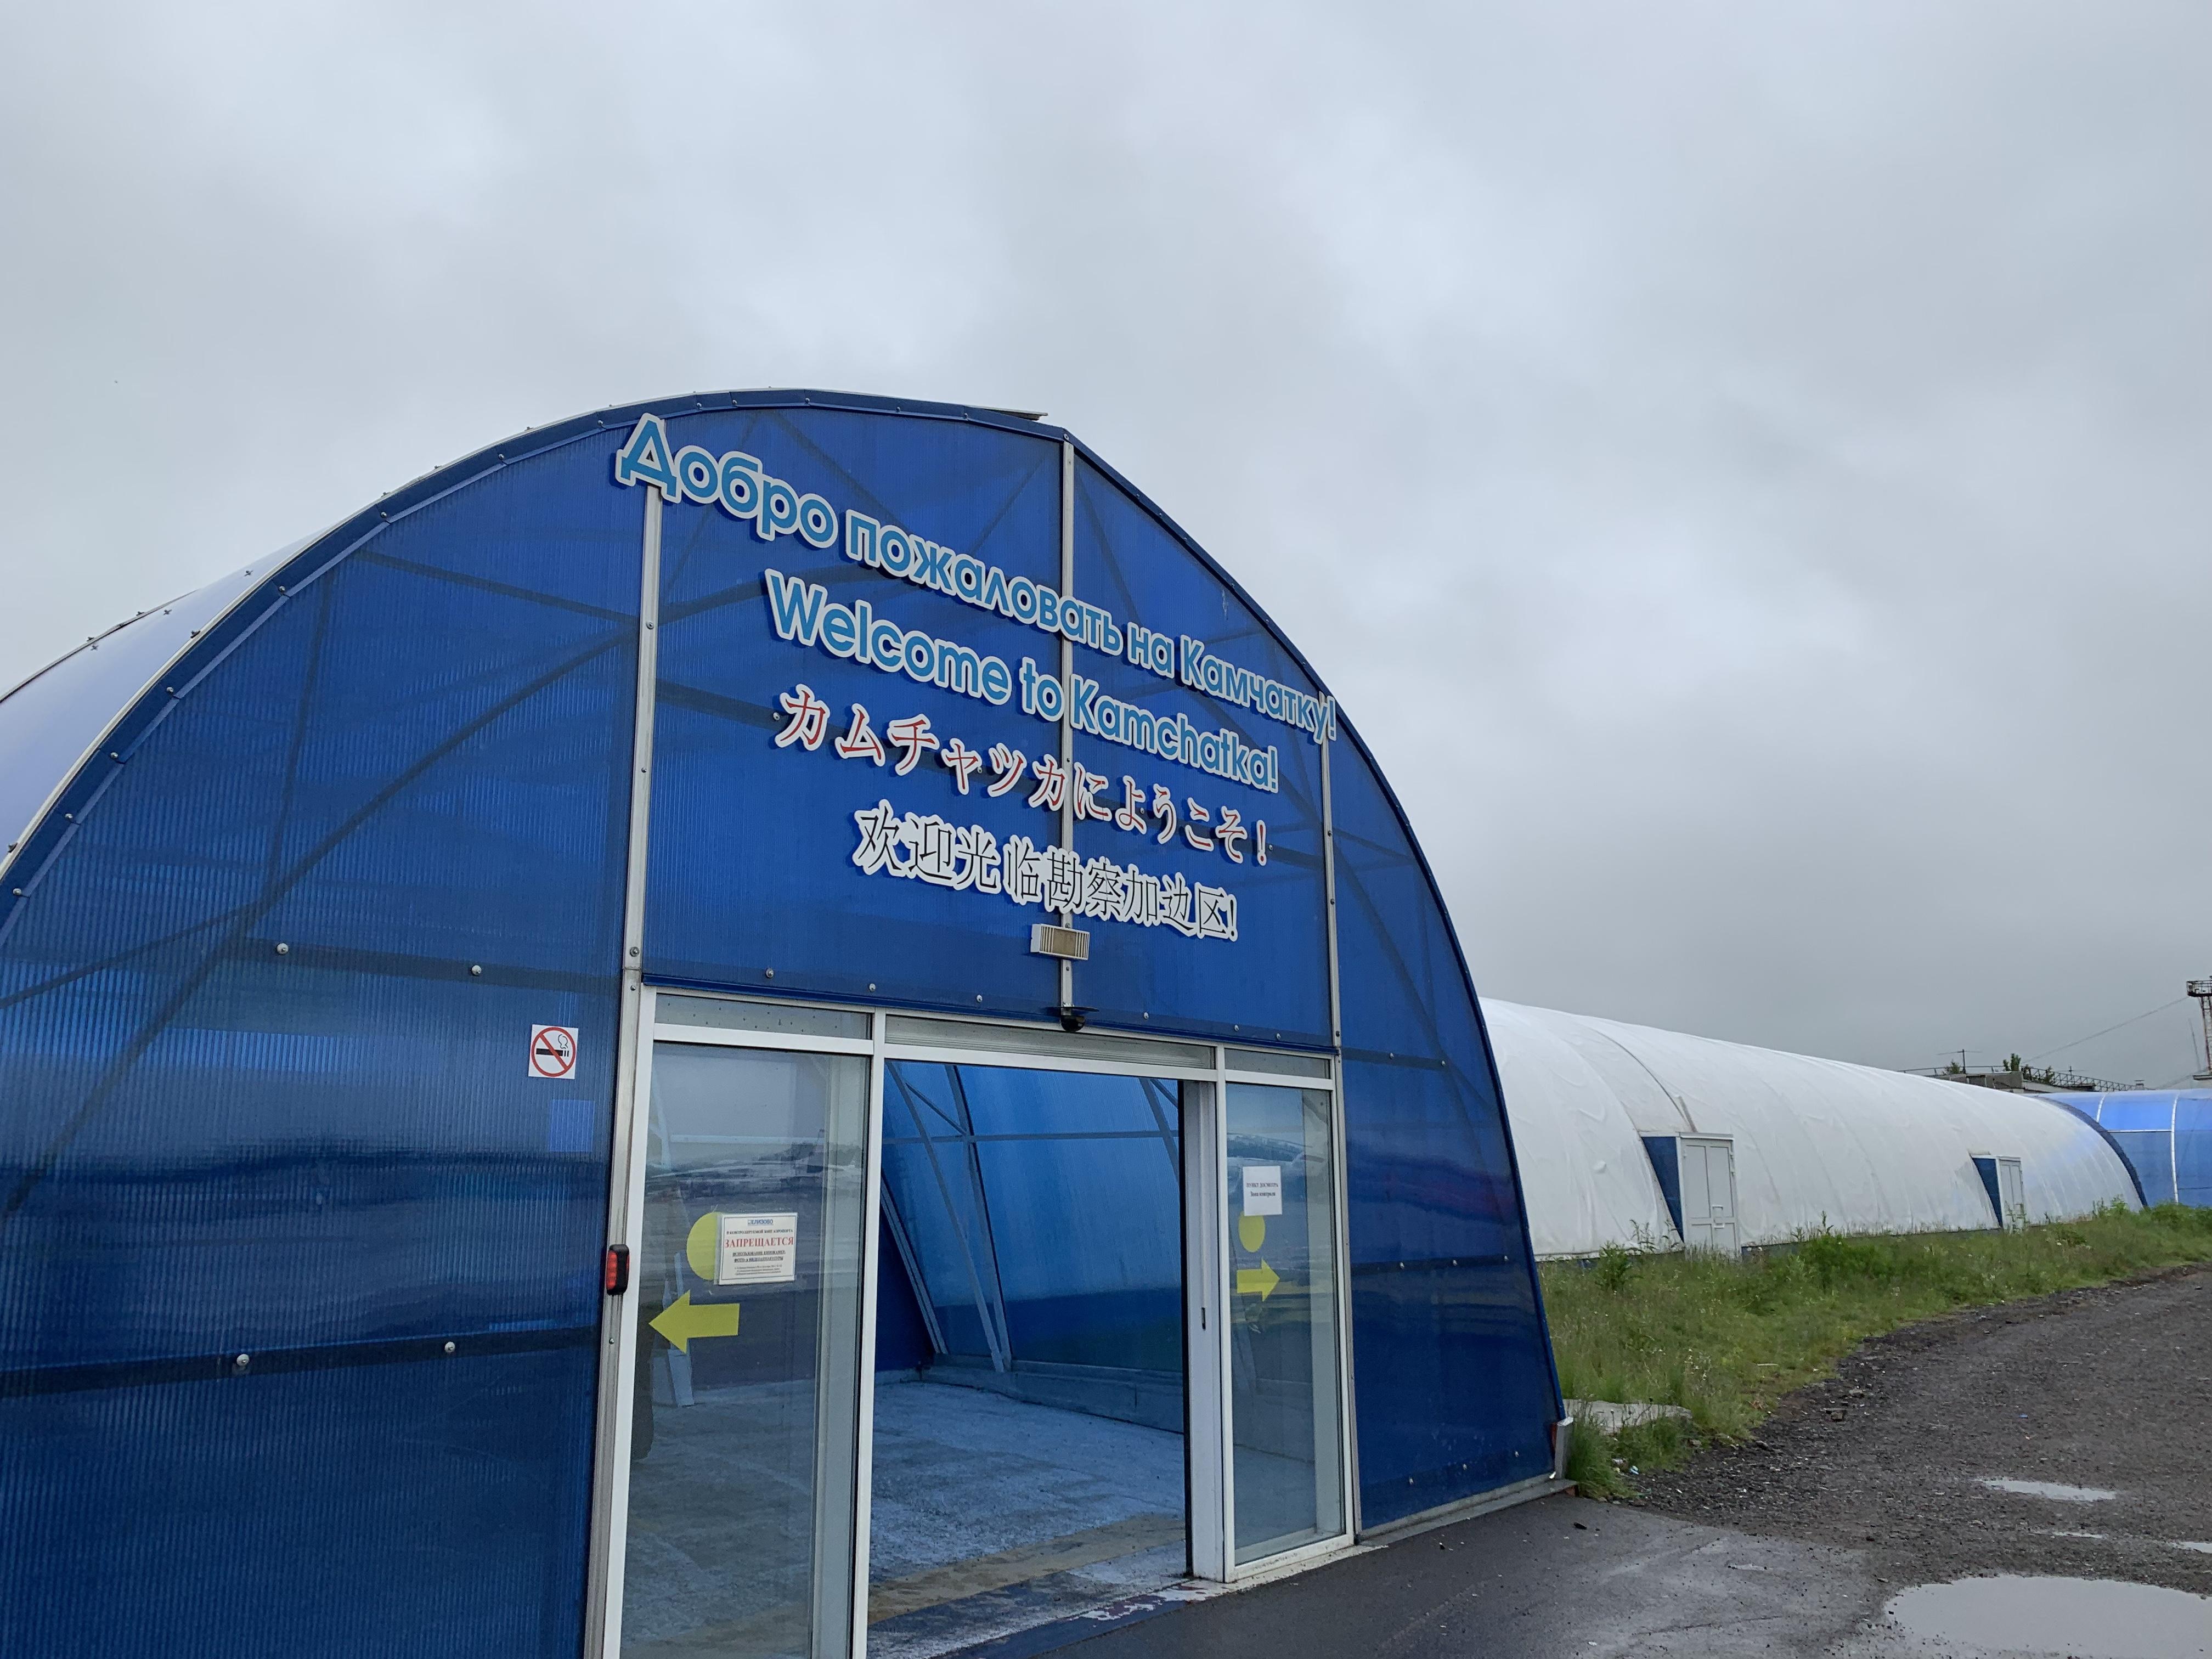 ペトロパブロフスク・カムチャツキー空港